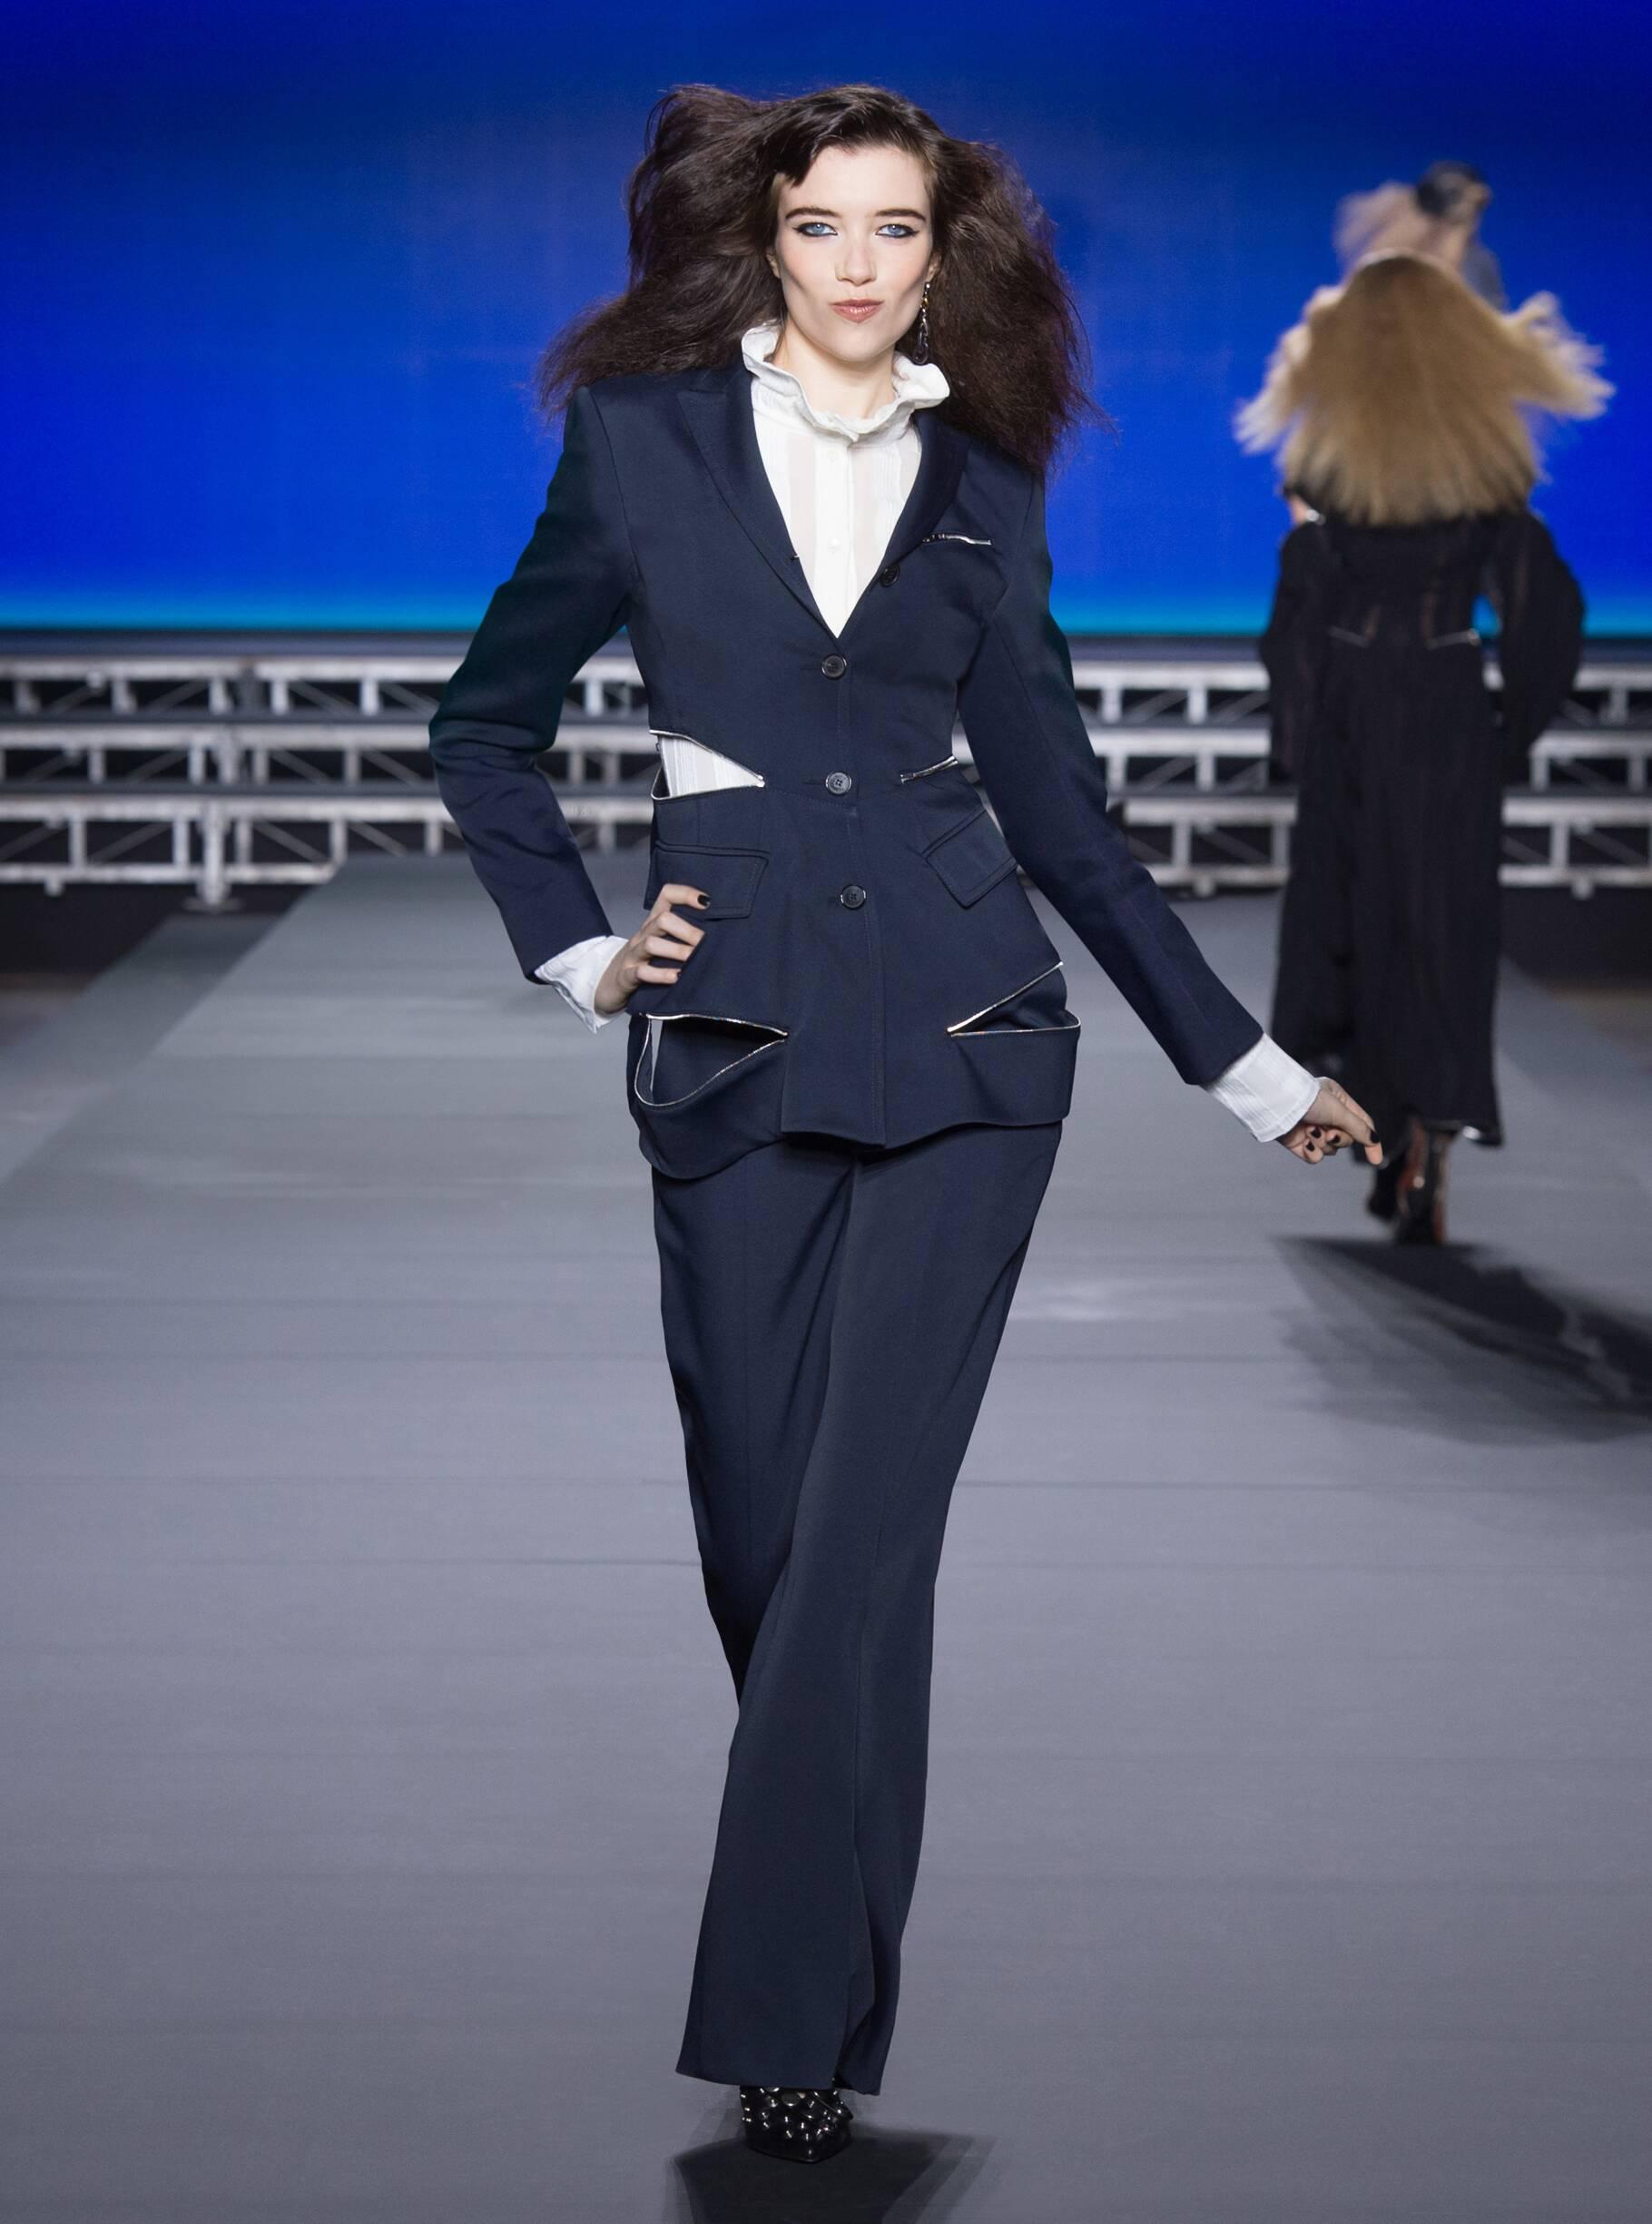 Fashion Model Sonia Rykiel Catwalk